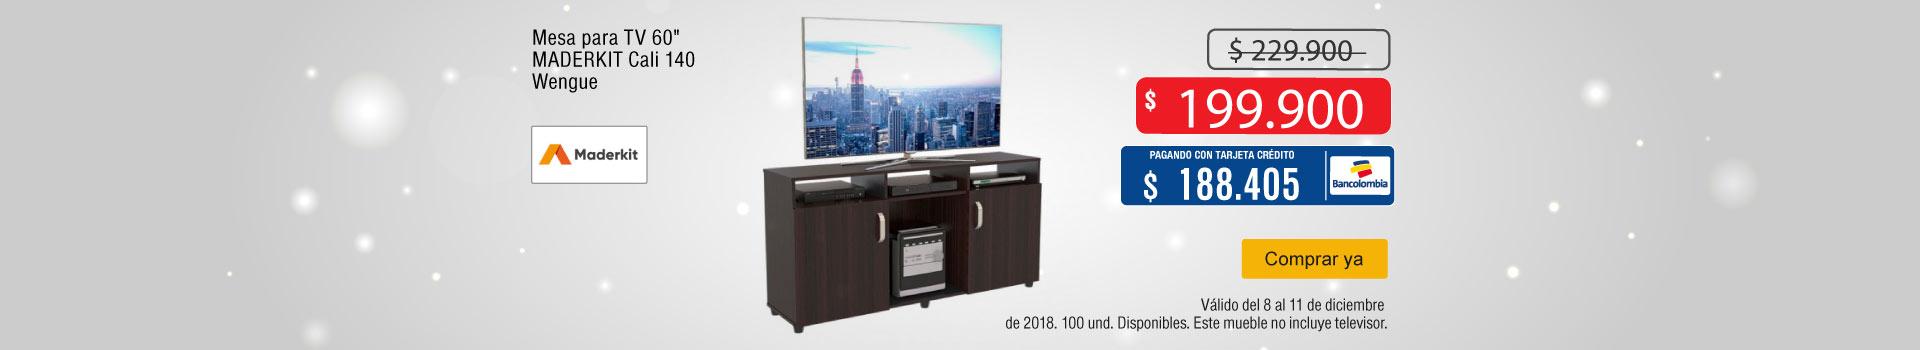 AK-BCAT-2-hogar---muebles-maderkit-mesa-tv-cali-Dic8